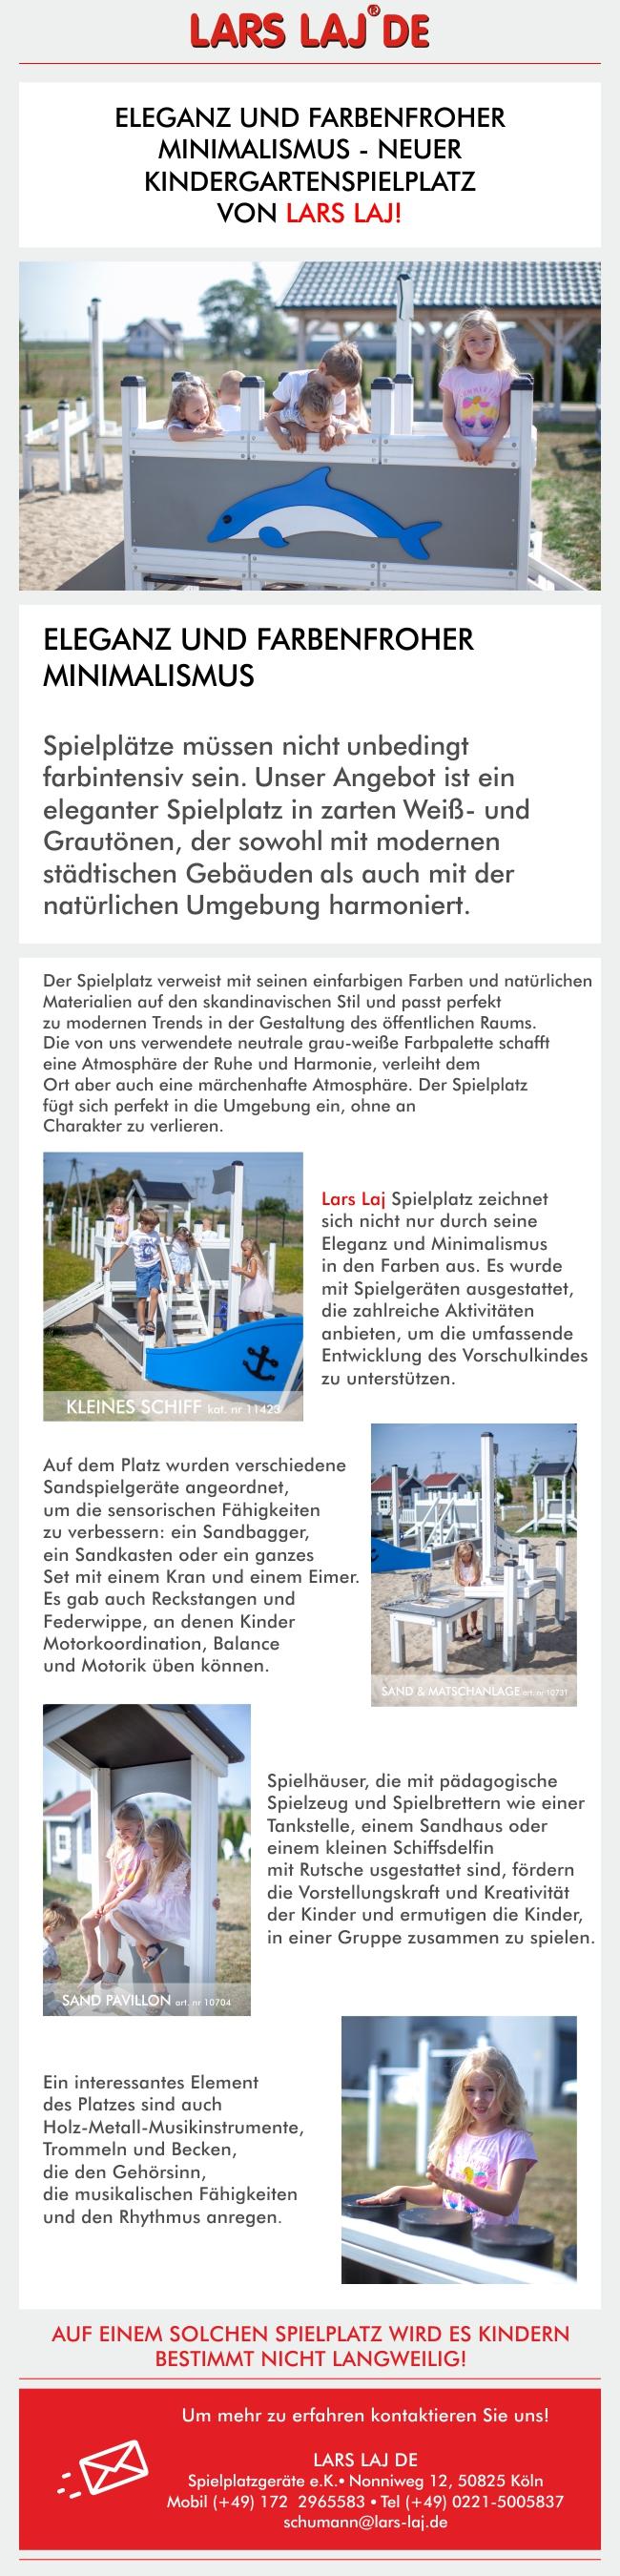 Eleganz und farbenfroher Minimalismus - neuer Kindergartenspielplatz von Lars Laj!